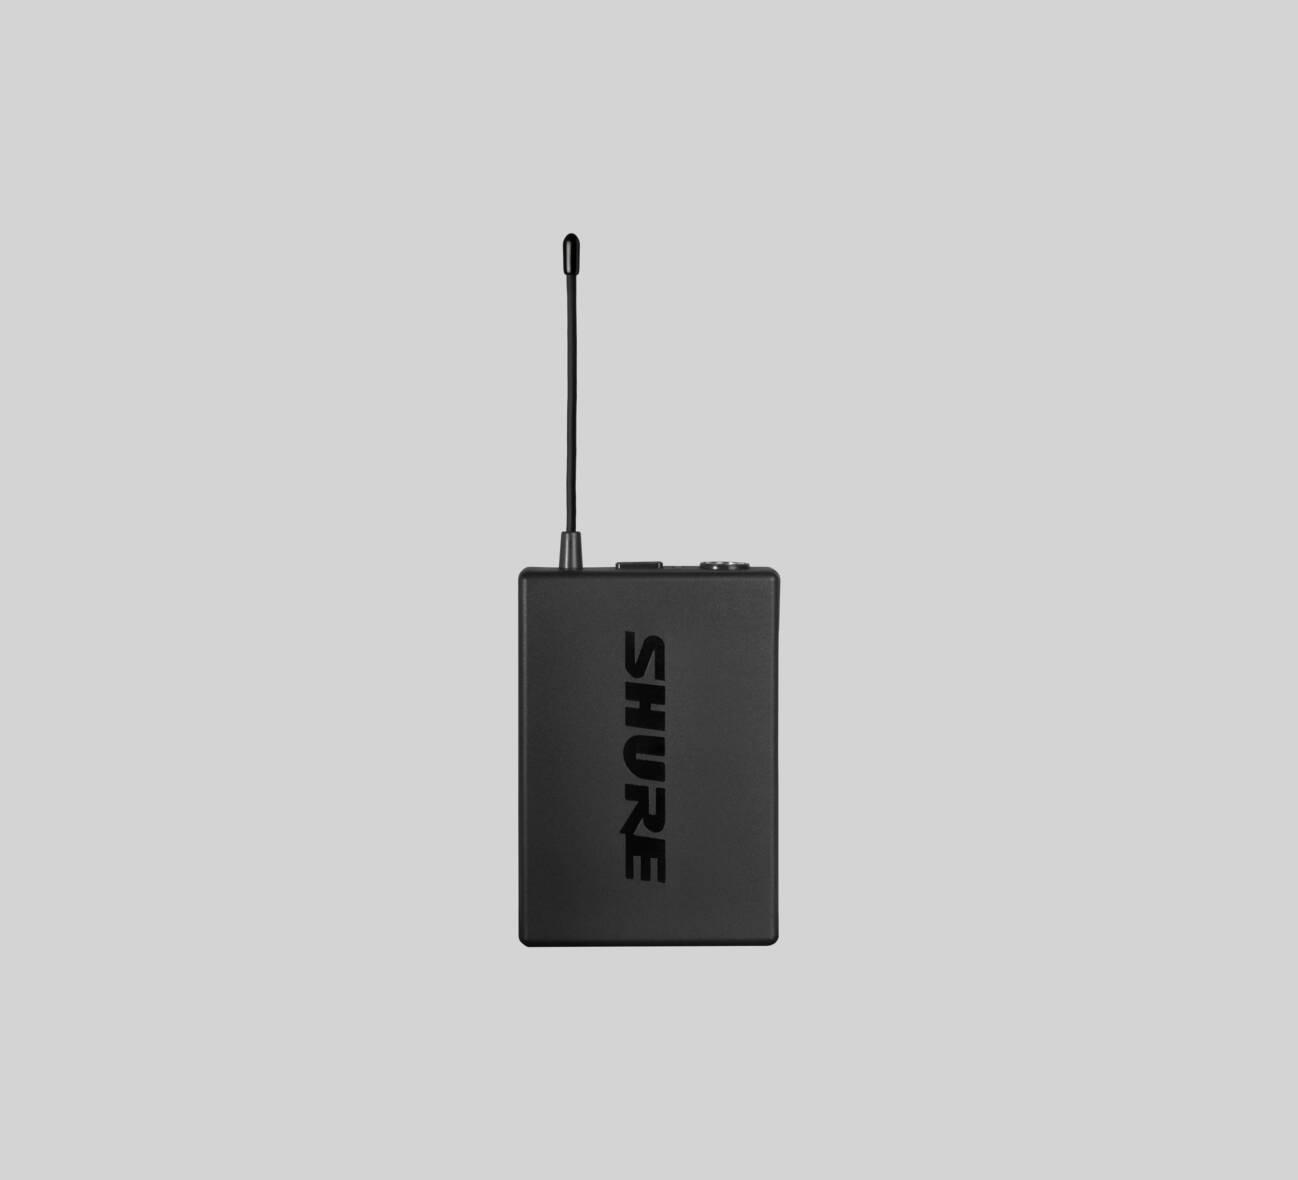 Bộ phát sóng không dây Shure SVX1